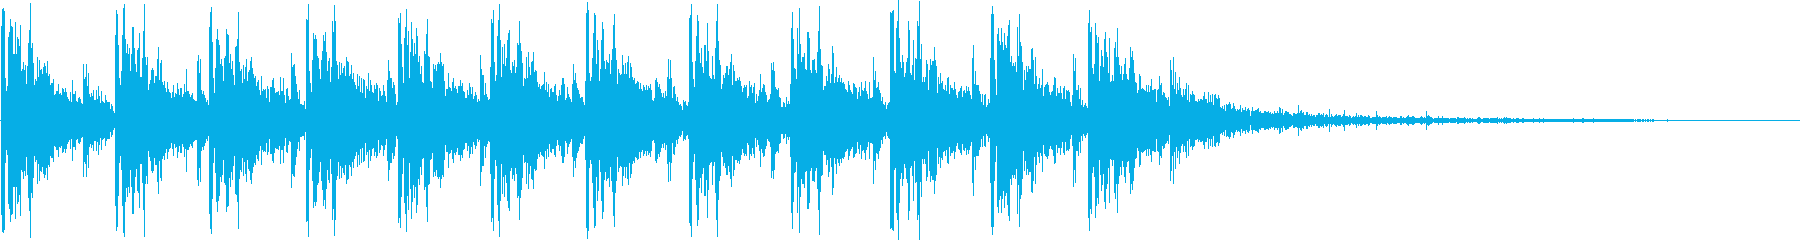 マシンガン発射1の再生済みの波形